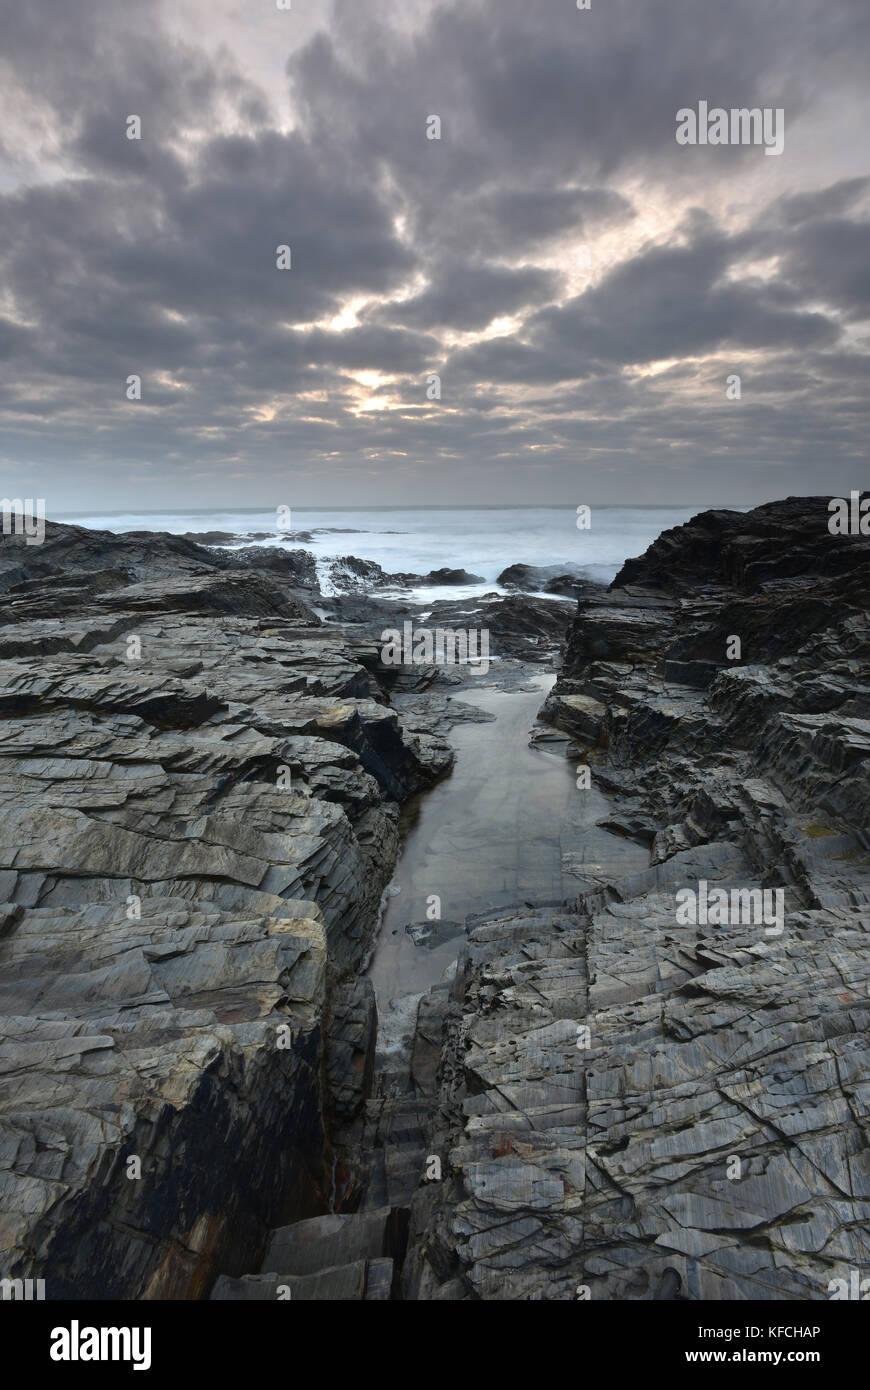 Die felsige und zerklüftete atmosphärischen Cornwall an einem stürmischen Abend bei Sonnenuntergang Stockbild